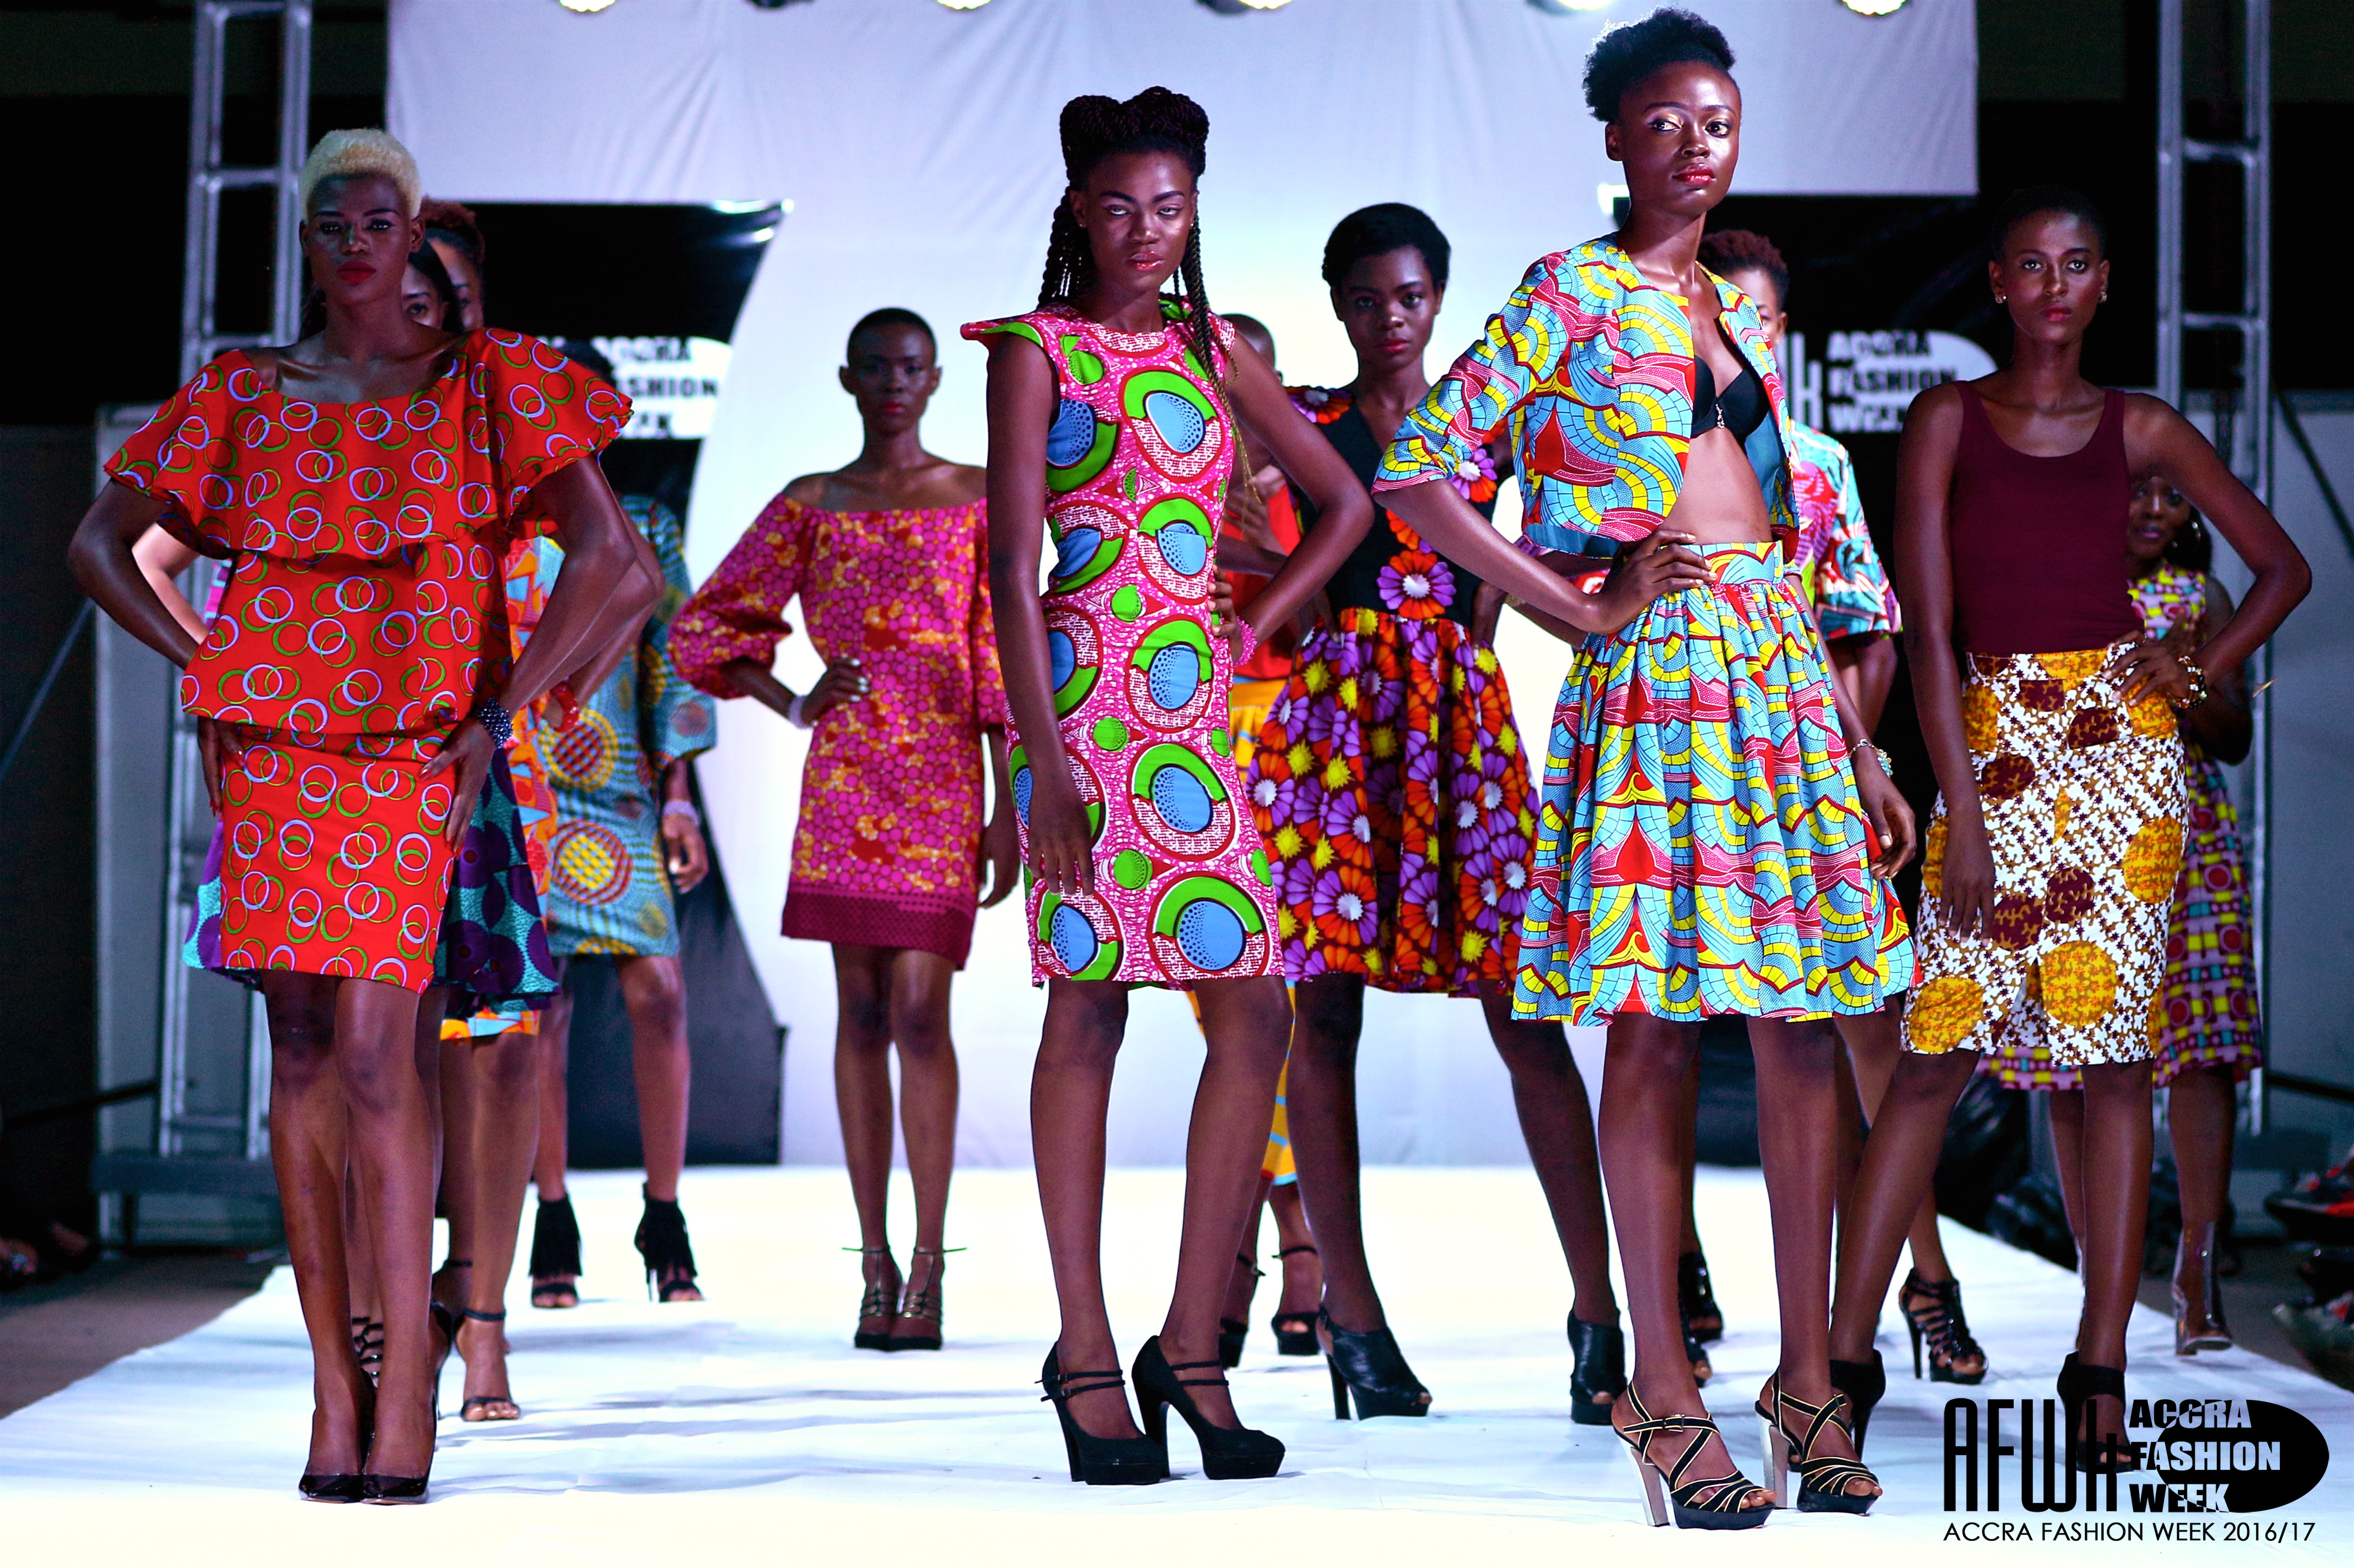 Sarauniya Usa Accra Fashion Week 2016 Accra Fashion